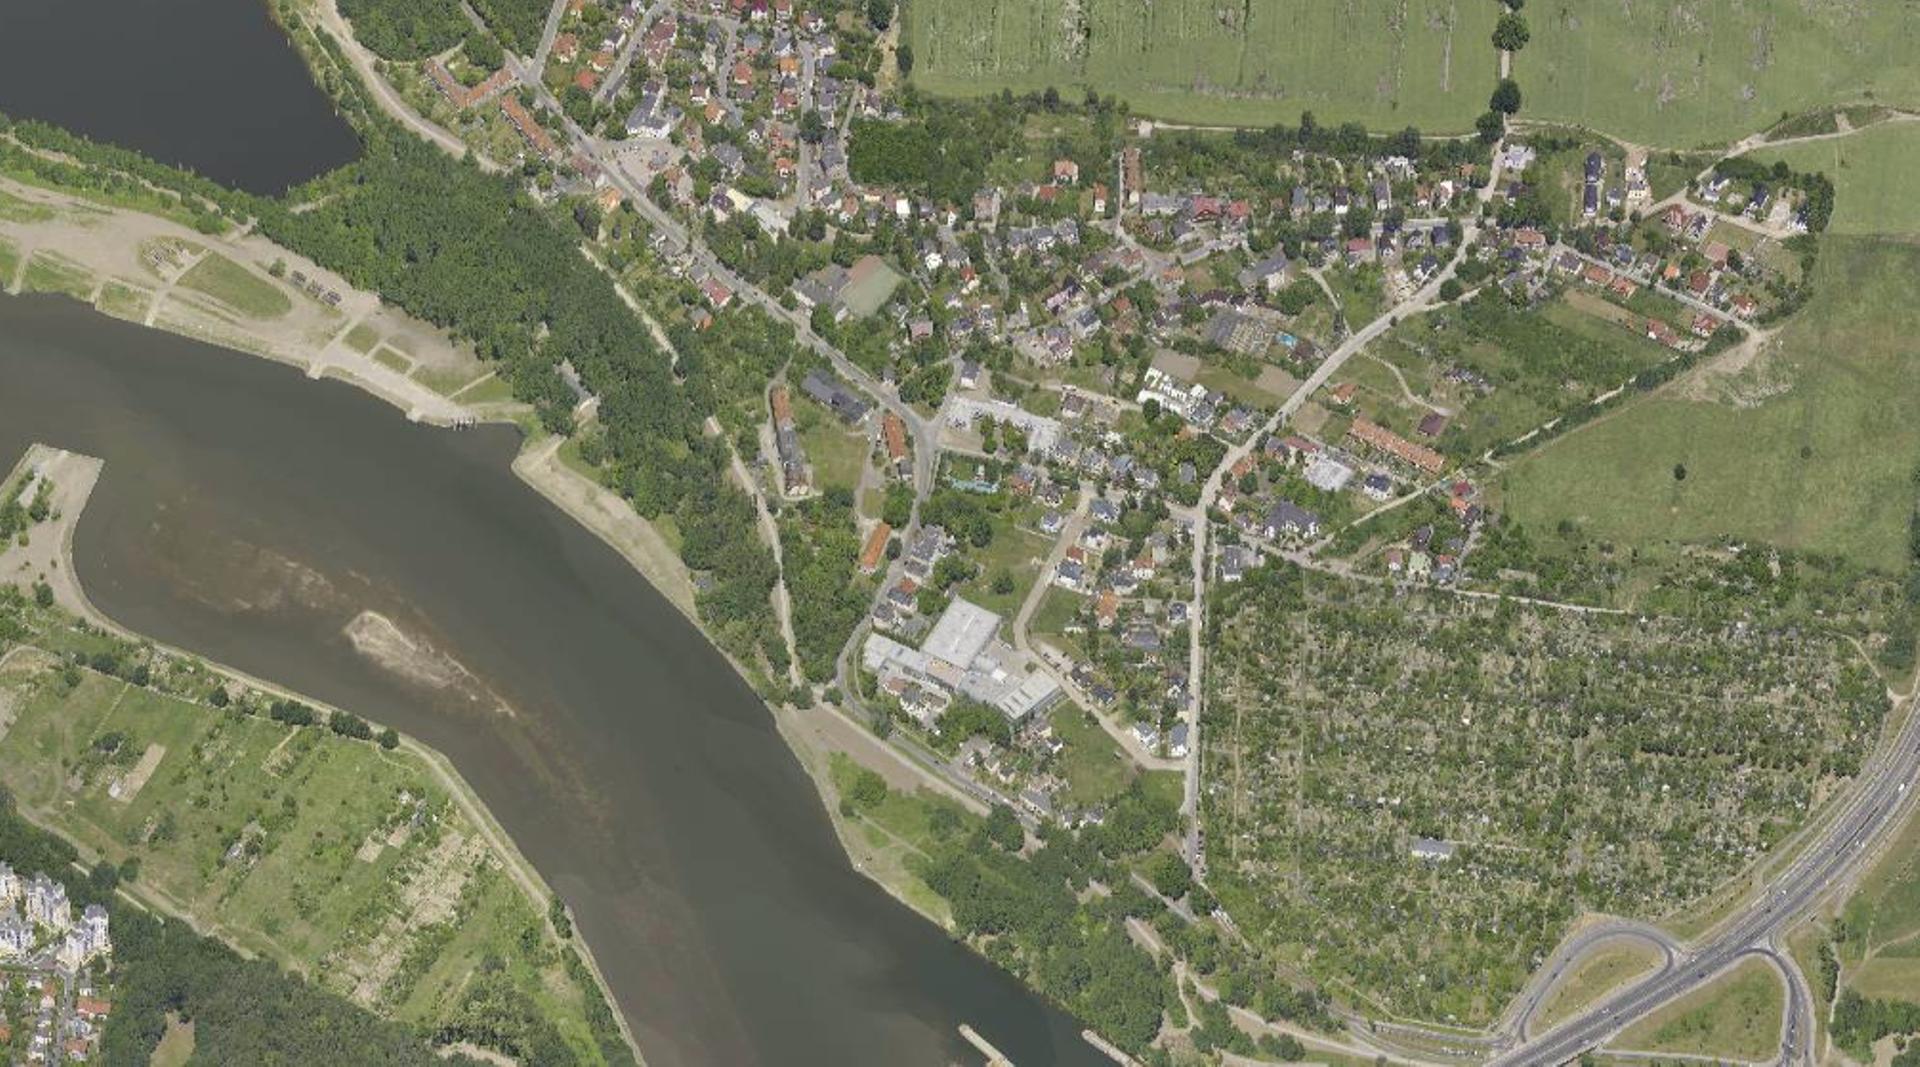 Wrocław: Co z remontem Osobowickiej? Oferty znacząco przewyższają budżet